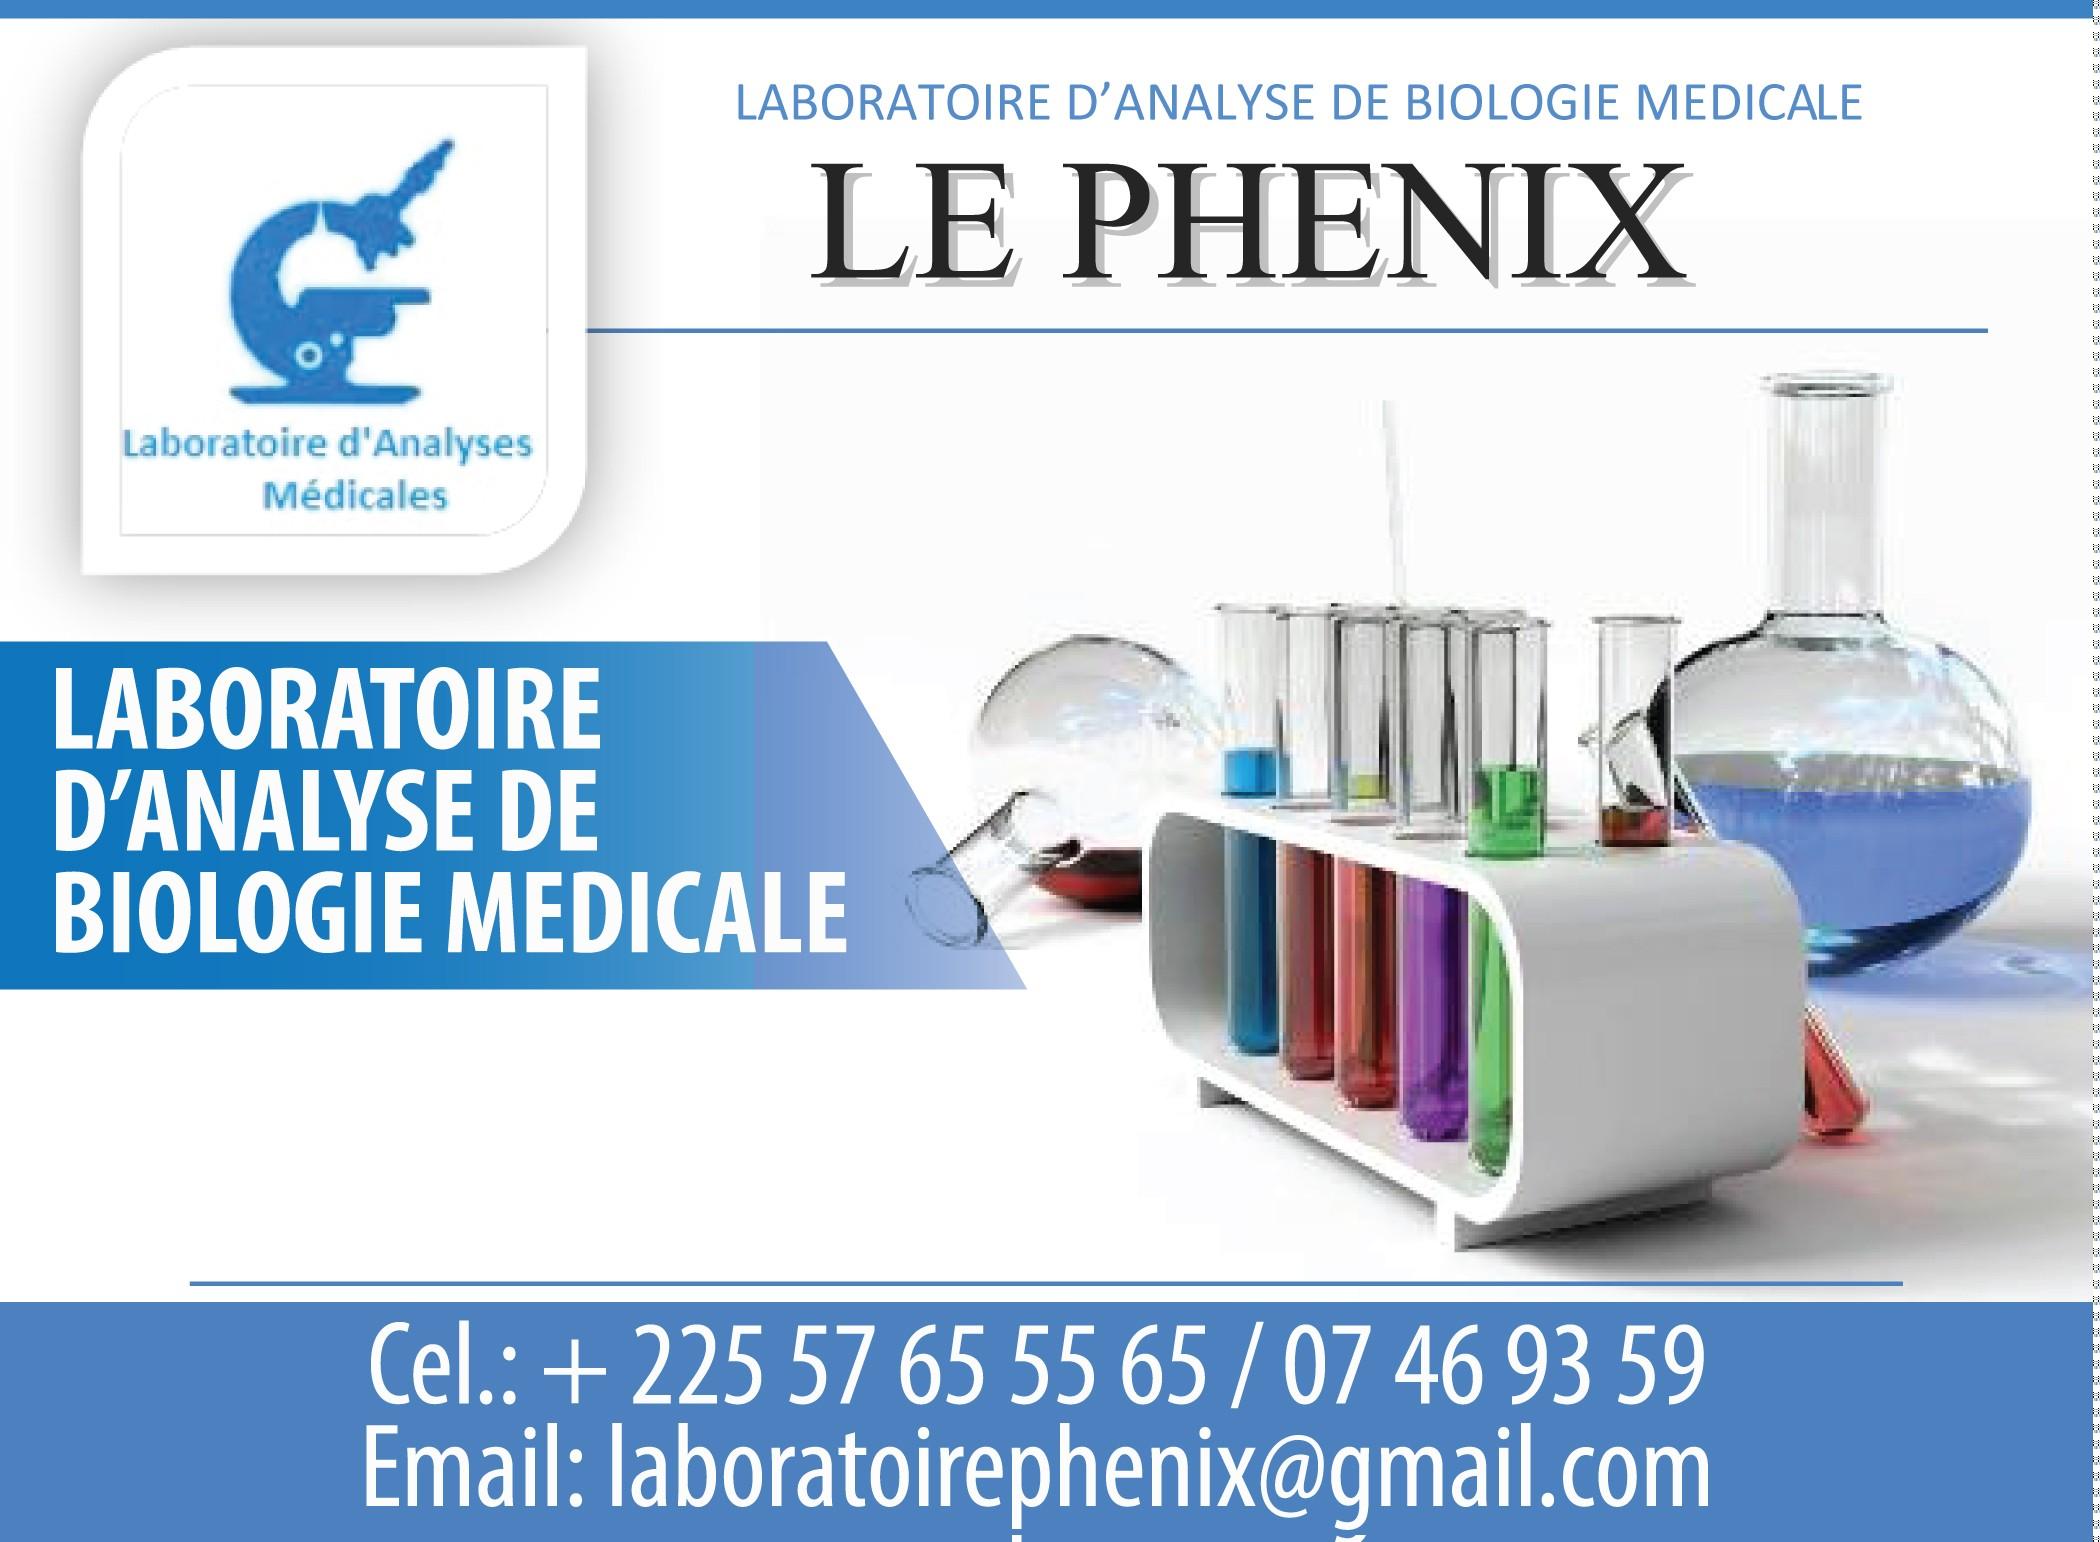 laboratoire d 39 analyse de biologie medicale le phenix laboratoires d 39 analyses m dicales. Black Bedroom Furniture Sets. Home Design Ideas